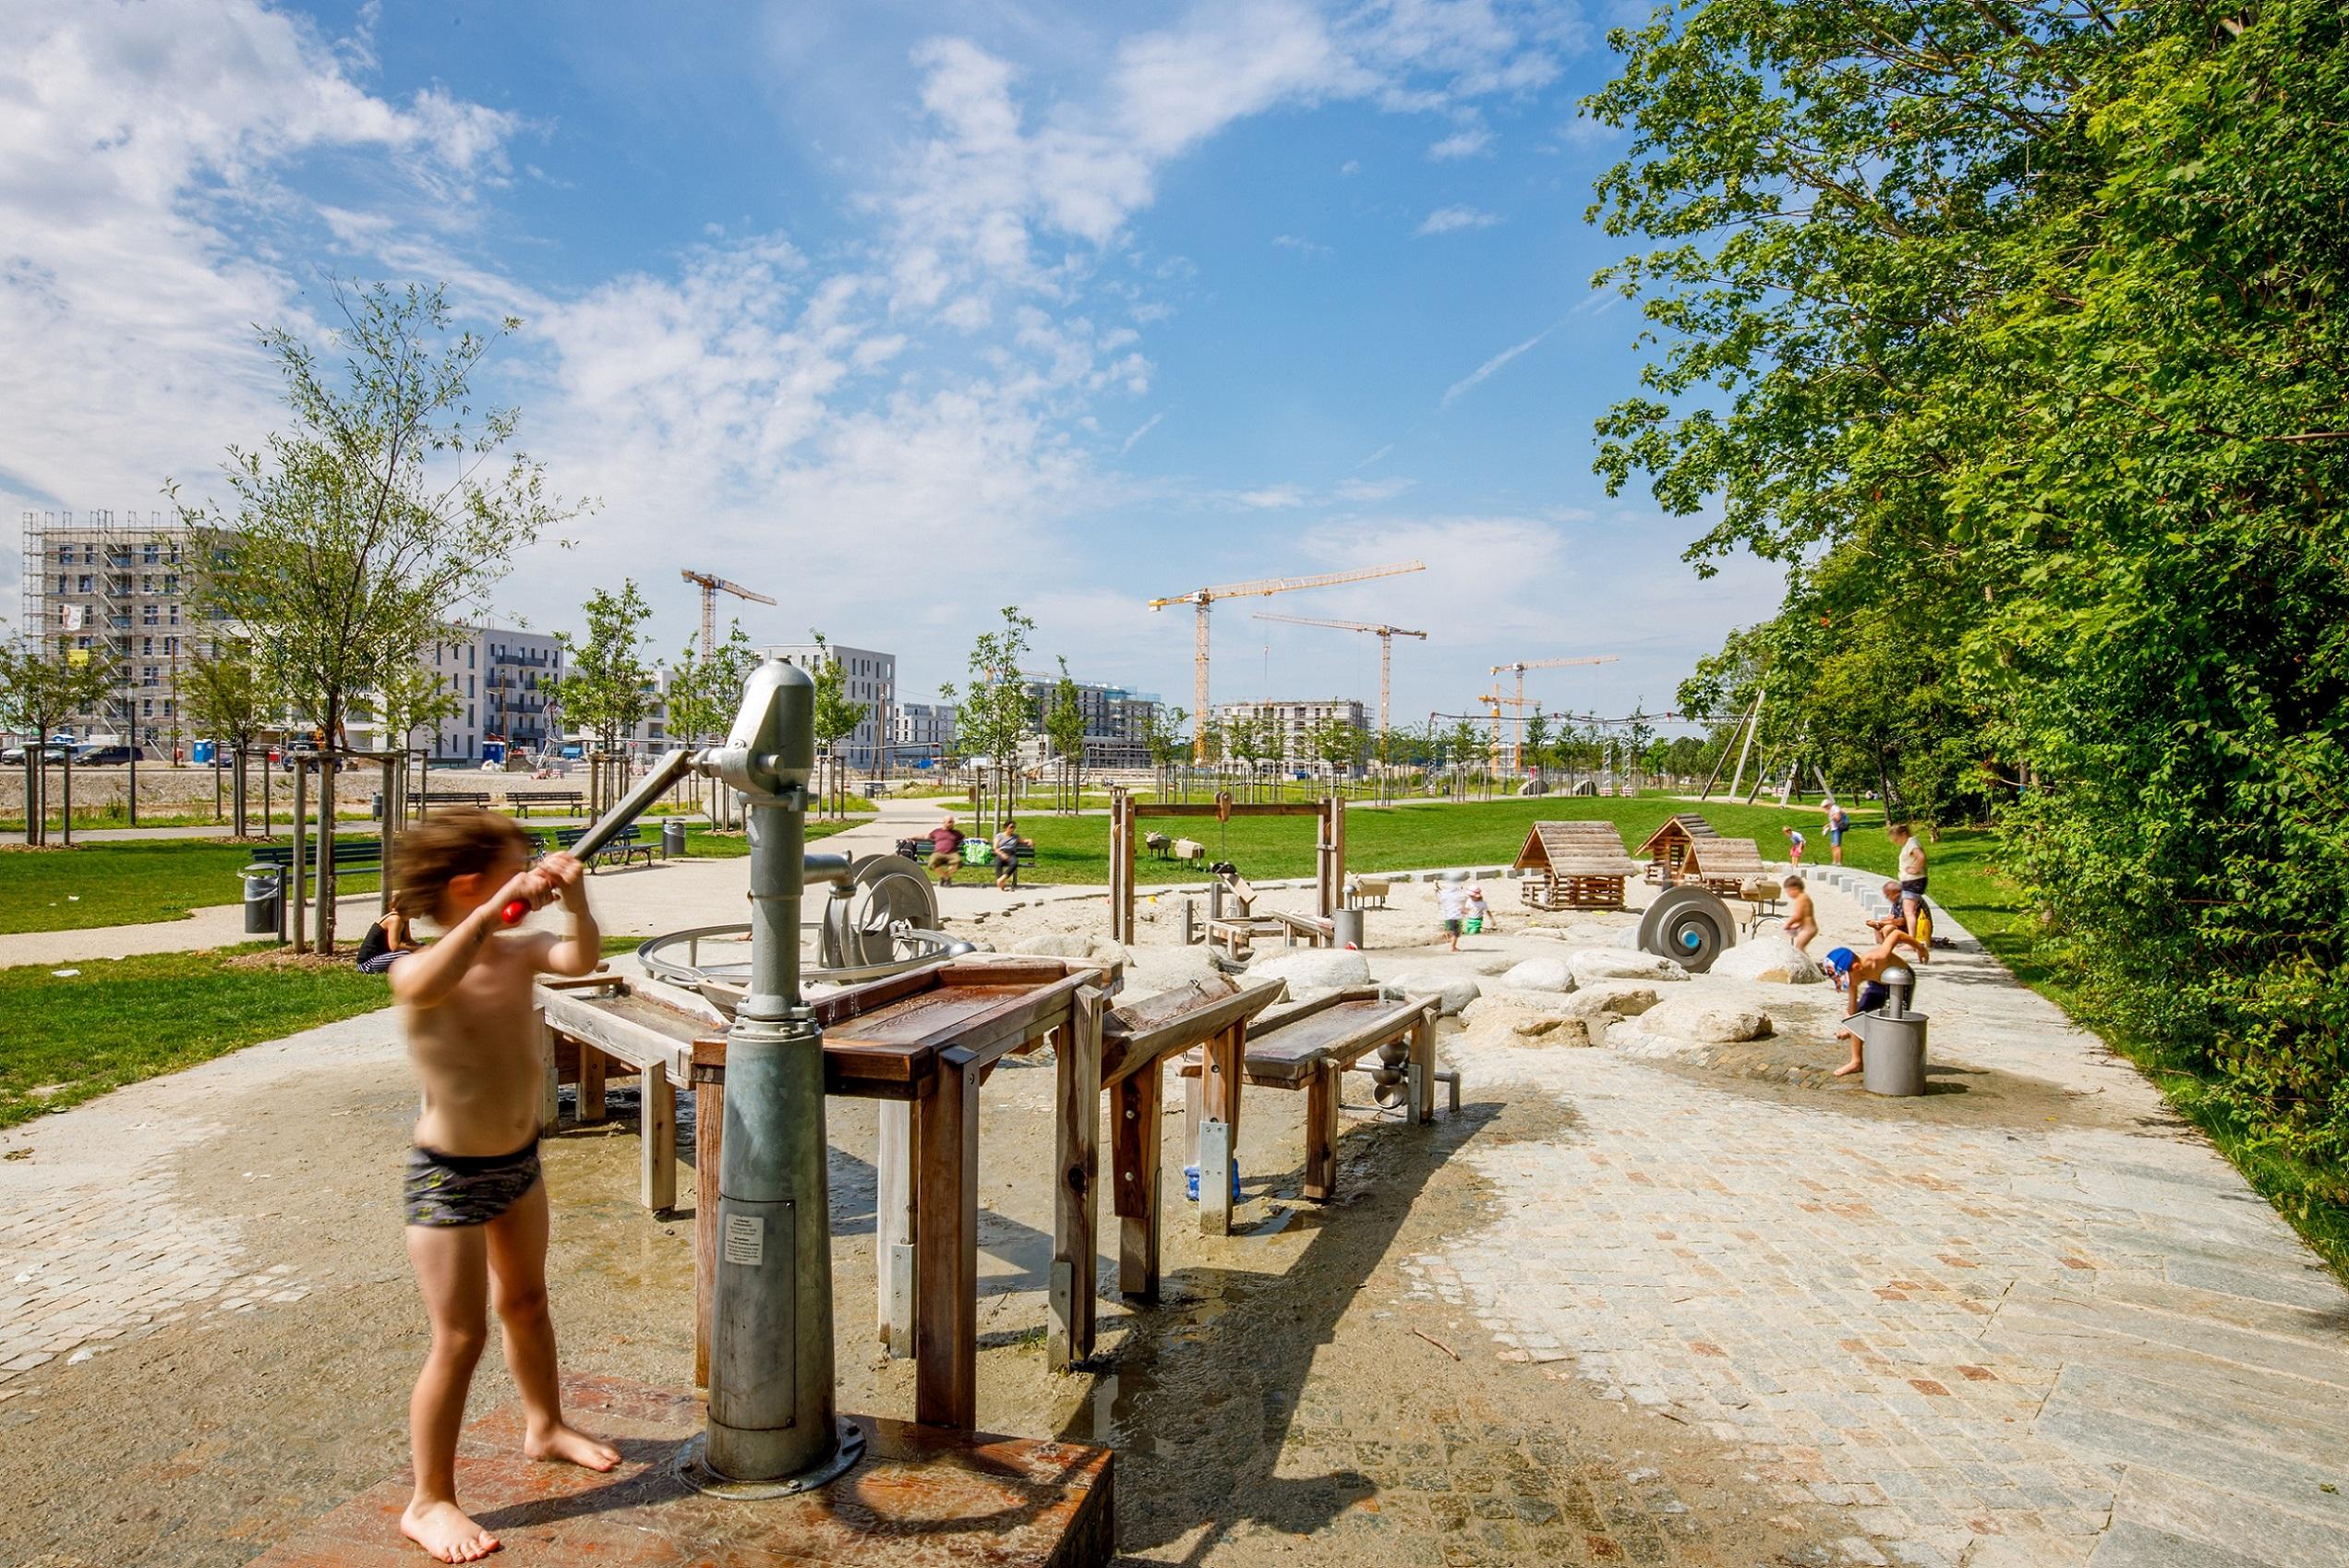 Wasserspielplatz für Kleinkinder